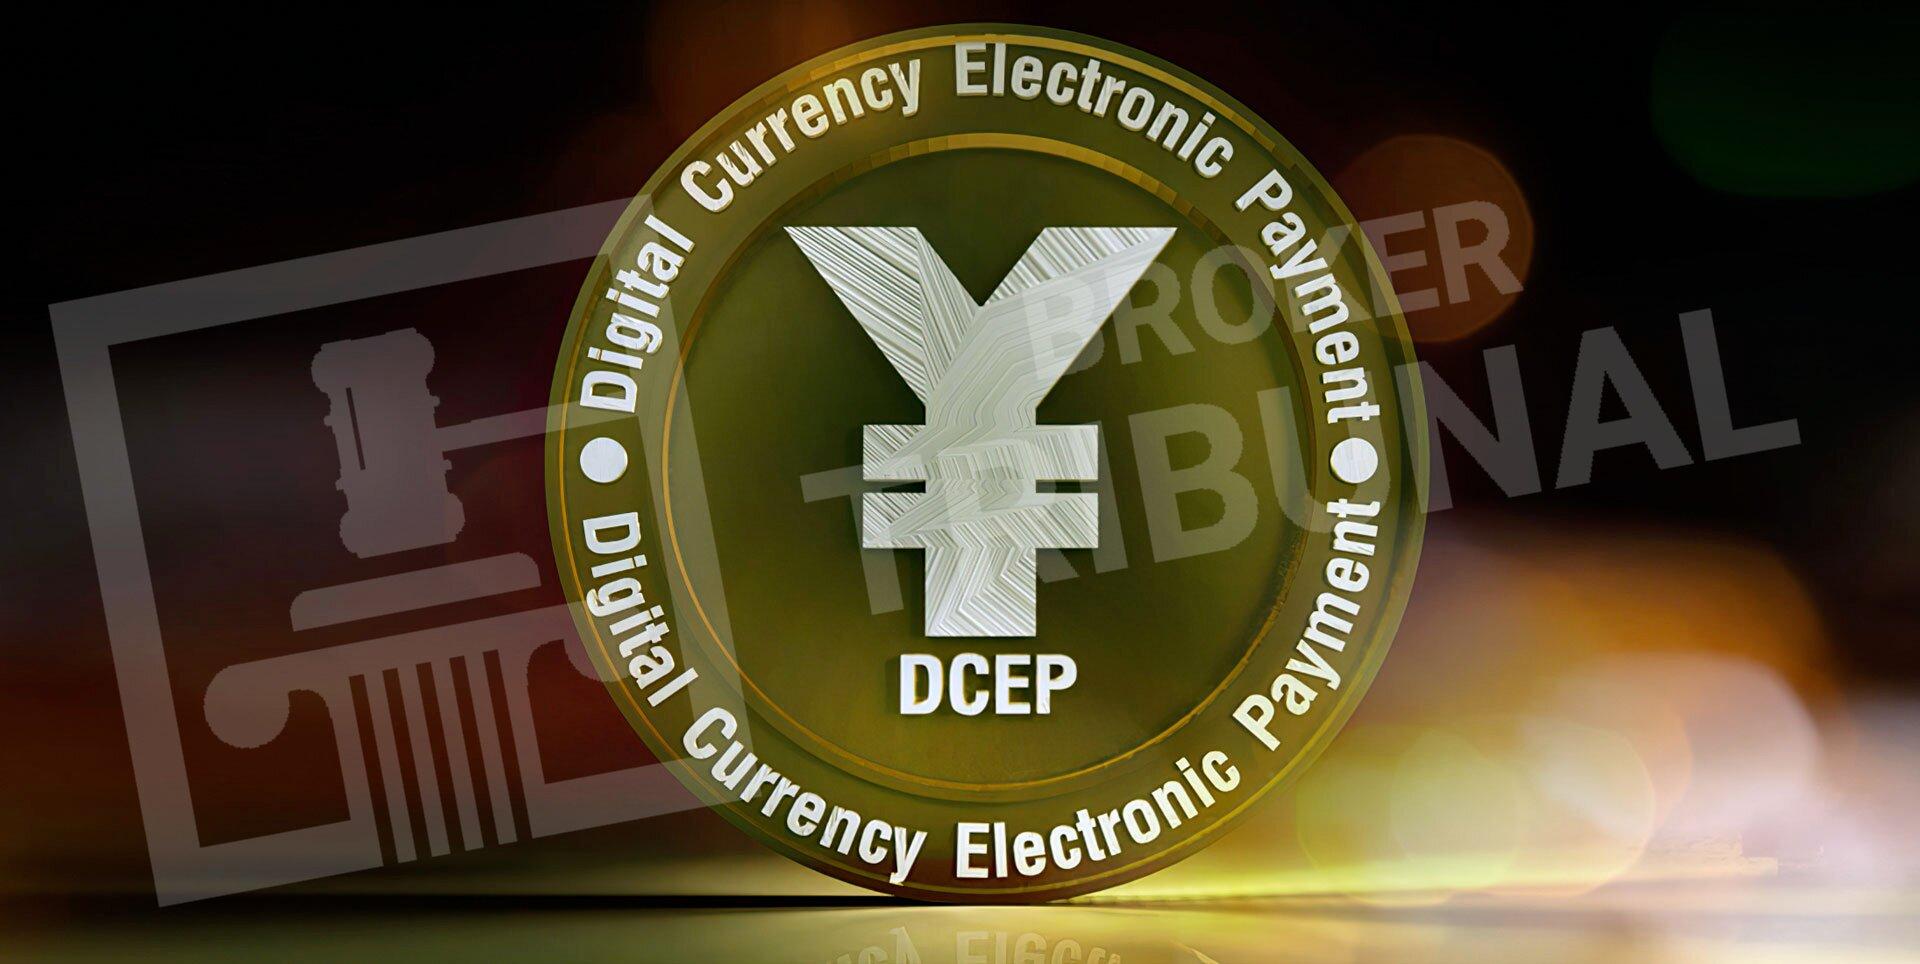 США совместно с МИТ создали блокчейн-платформу для функционирования будущей электронной валюты